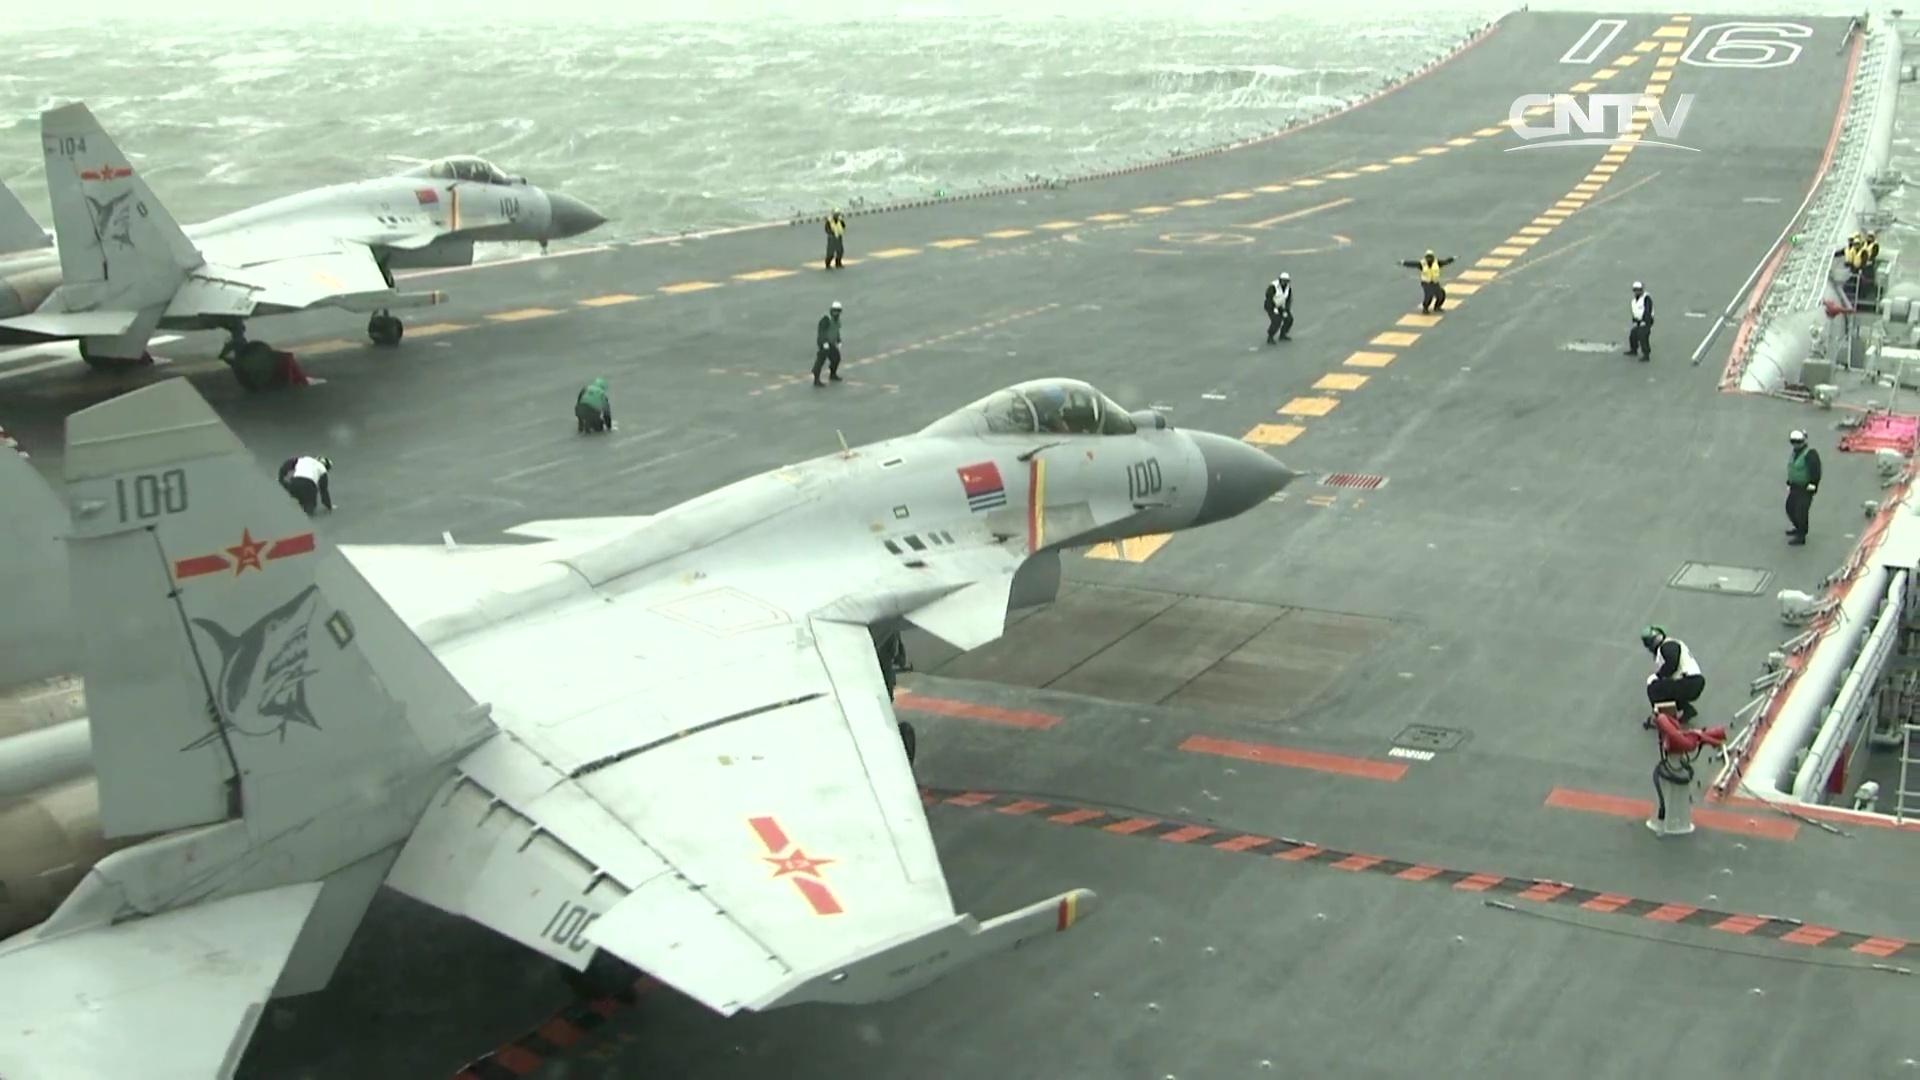 辽宁舰载8架战机有多少战斗力?远超西方预测